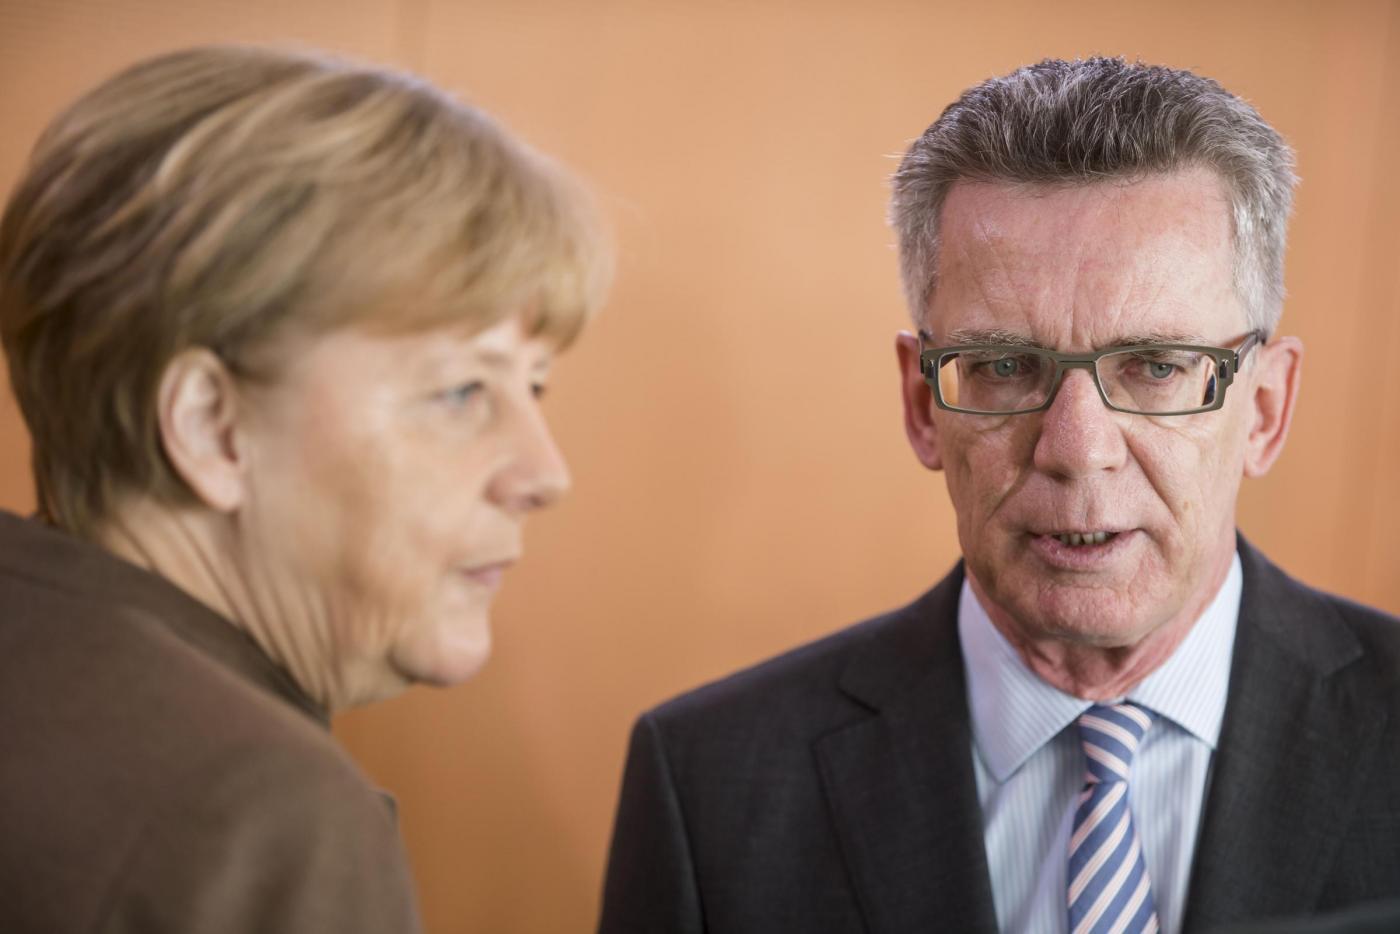 La Germania si schiera per il sì al Referendum Costituzionale in Italia